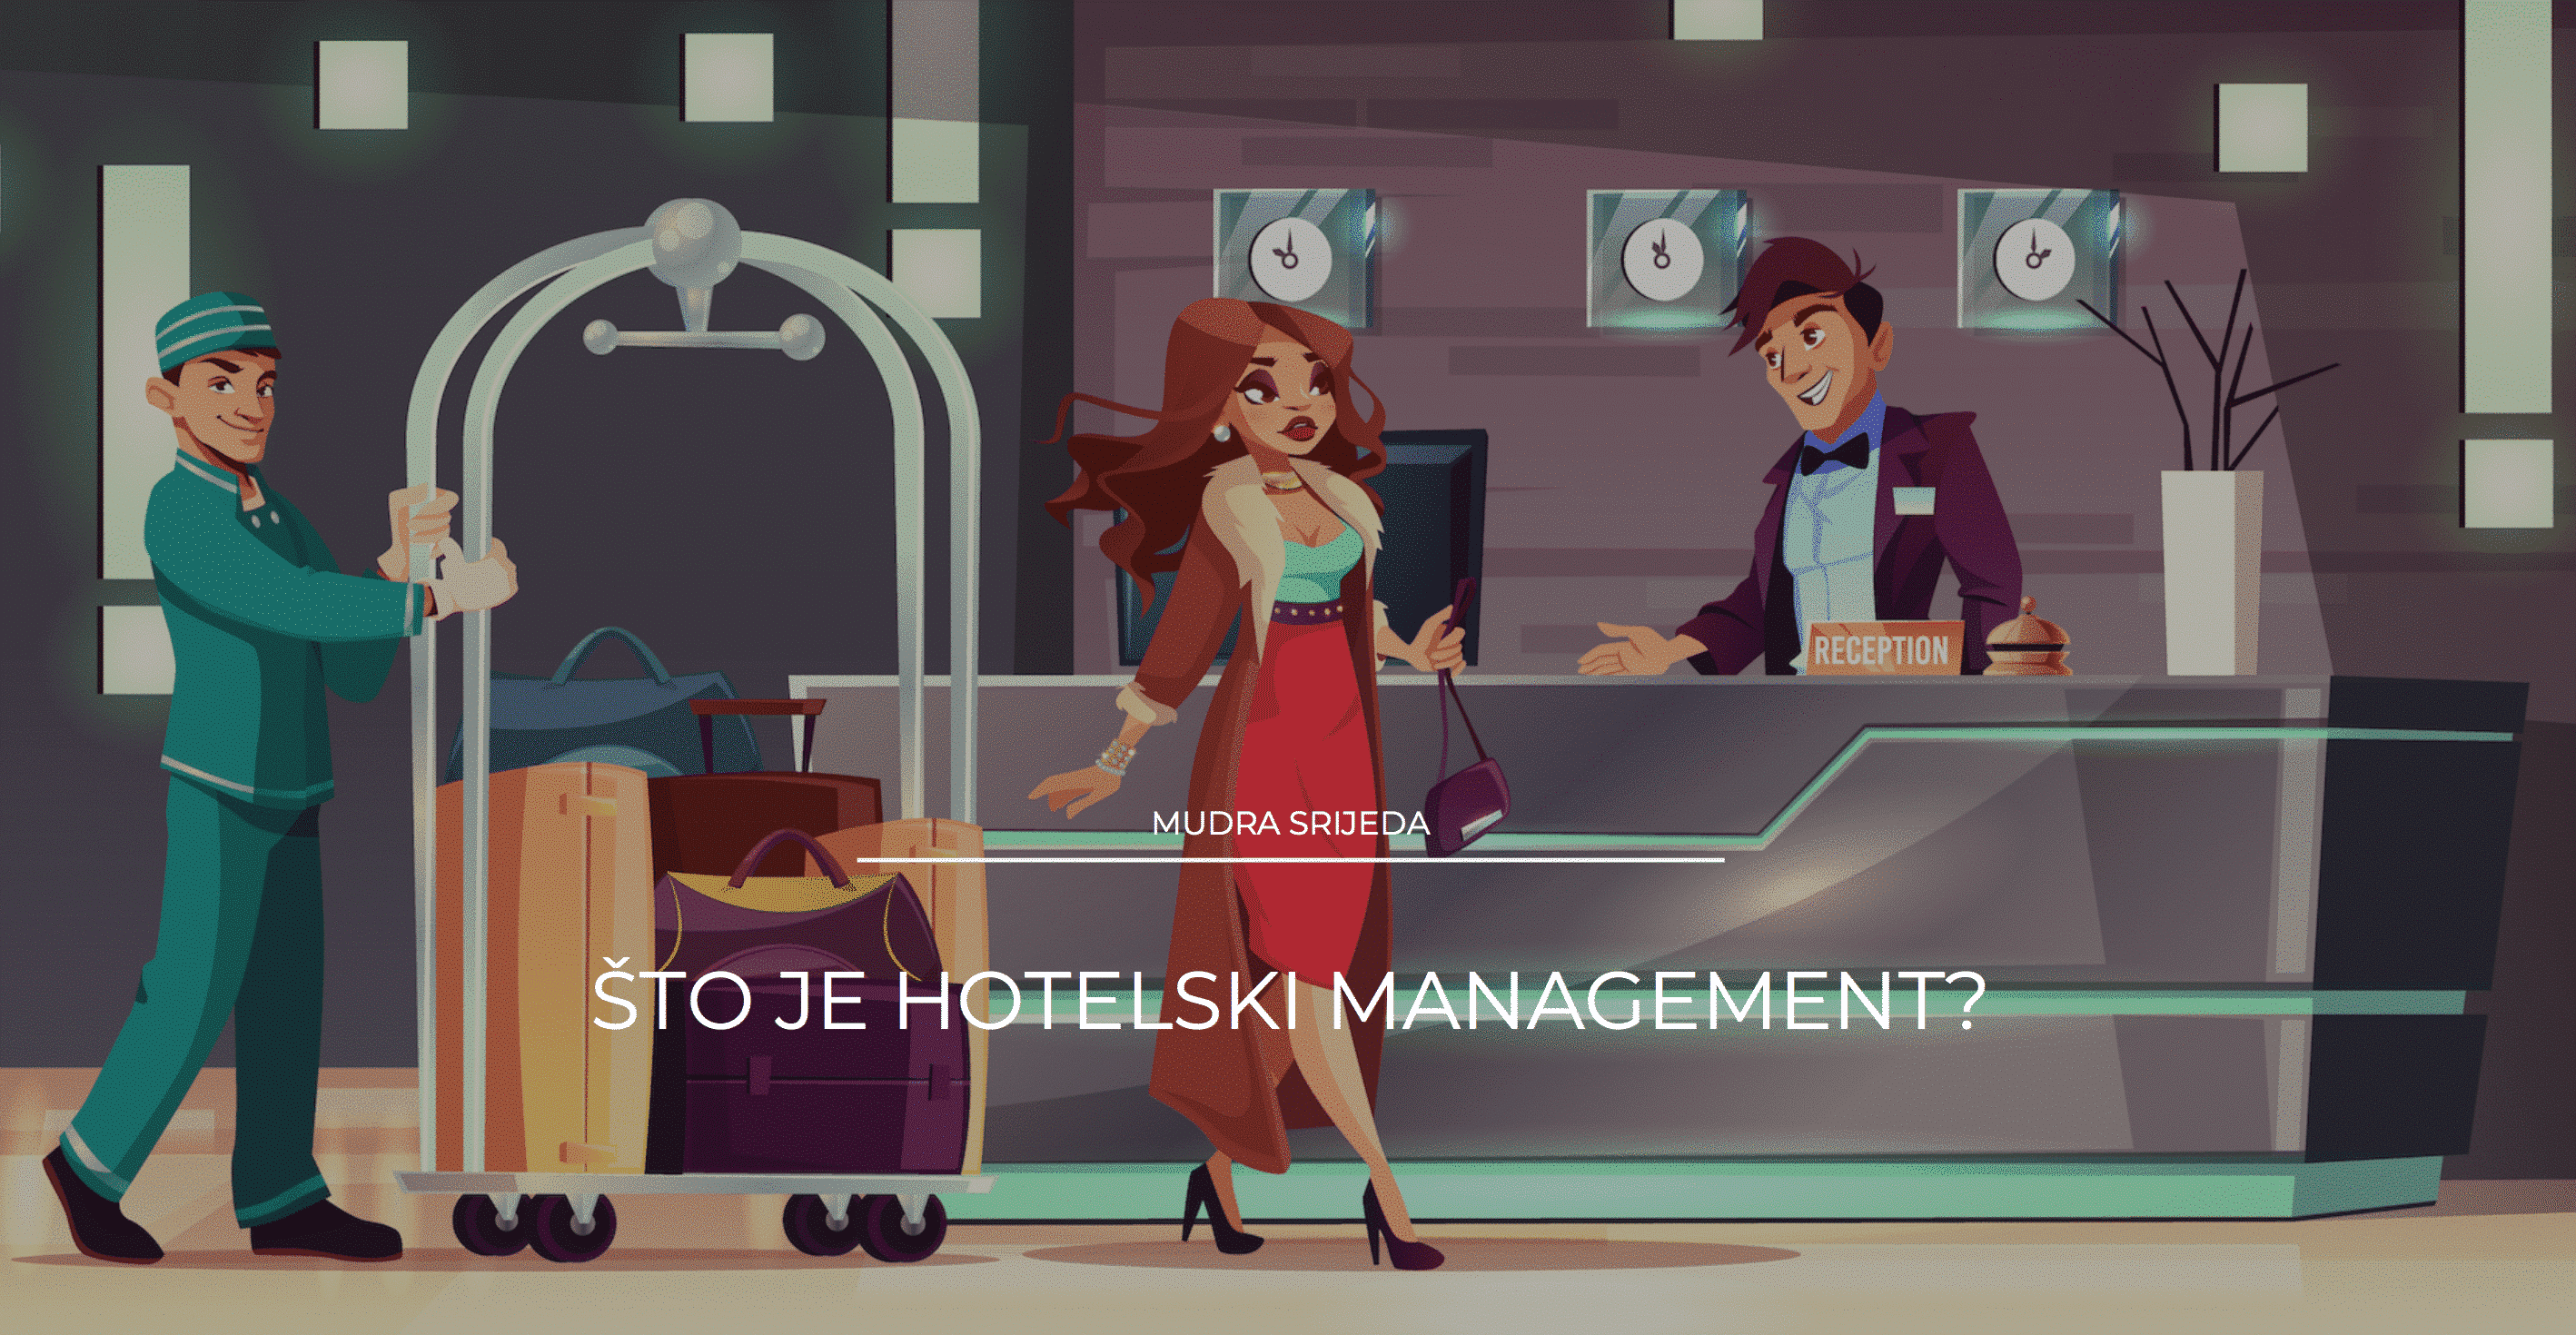 Što je hotelski management?